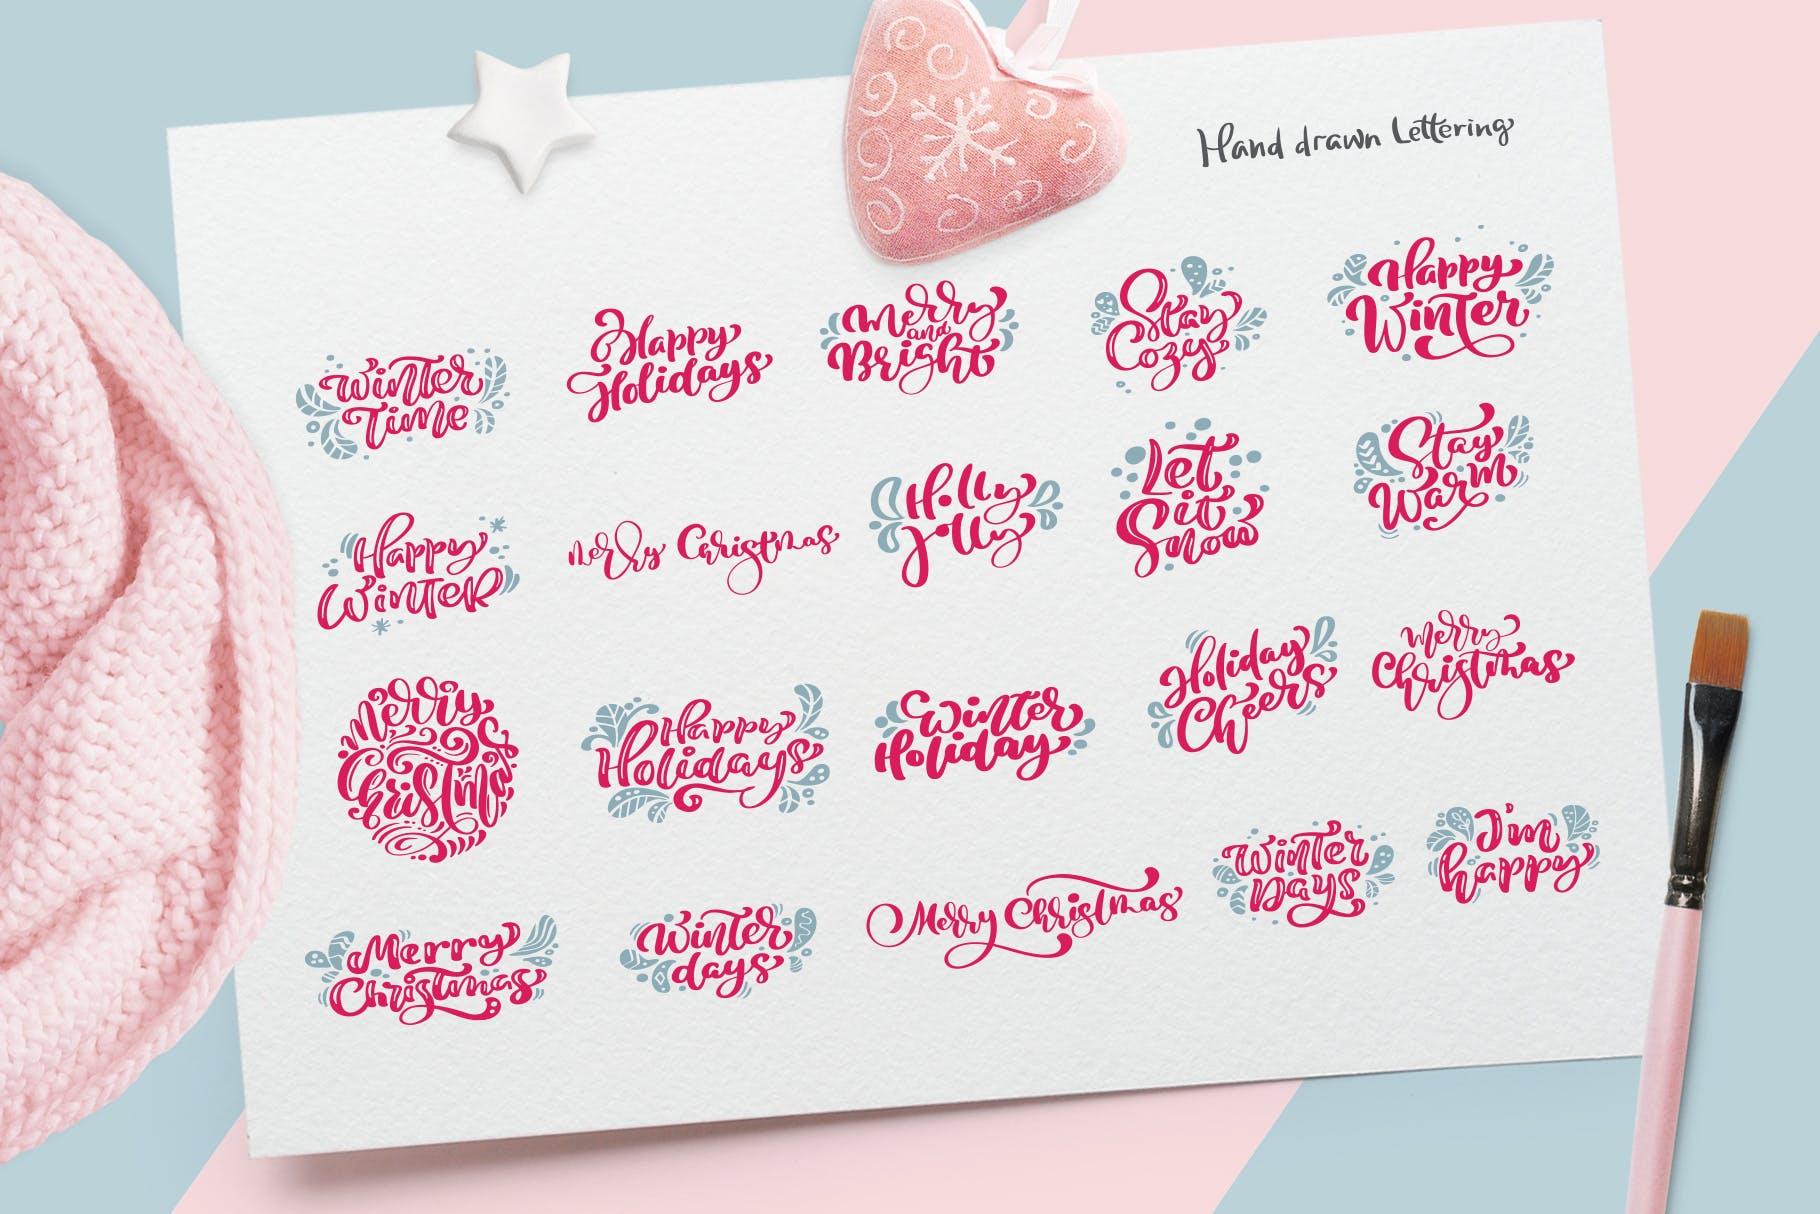 圣诞节元素雪花/星星/手套/礼物图案花纹装饰图案模板Christmas lettering quotes design插图(6)